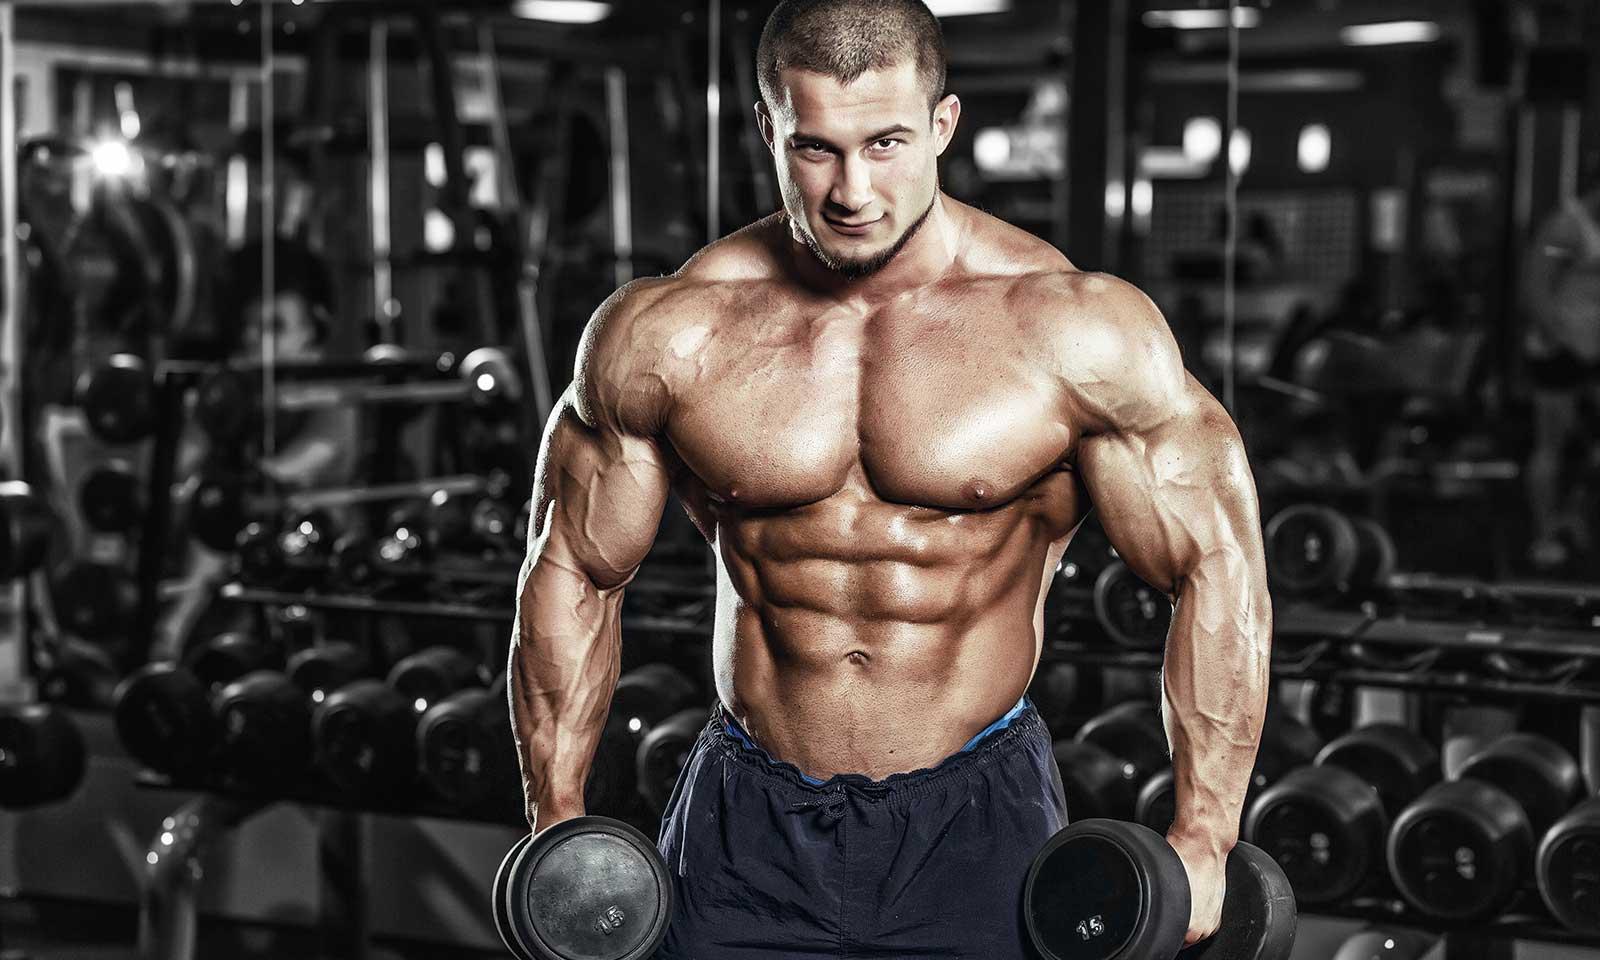 Накаченный атлет с голым торсом и гантелями в руках, демонстрирует в тренажерном зале рельефные мышцы